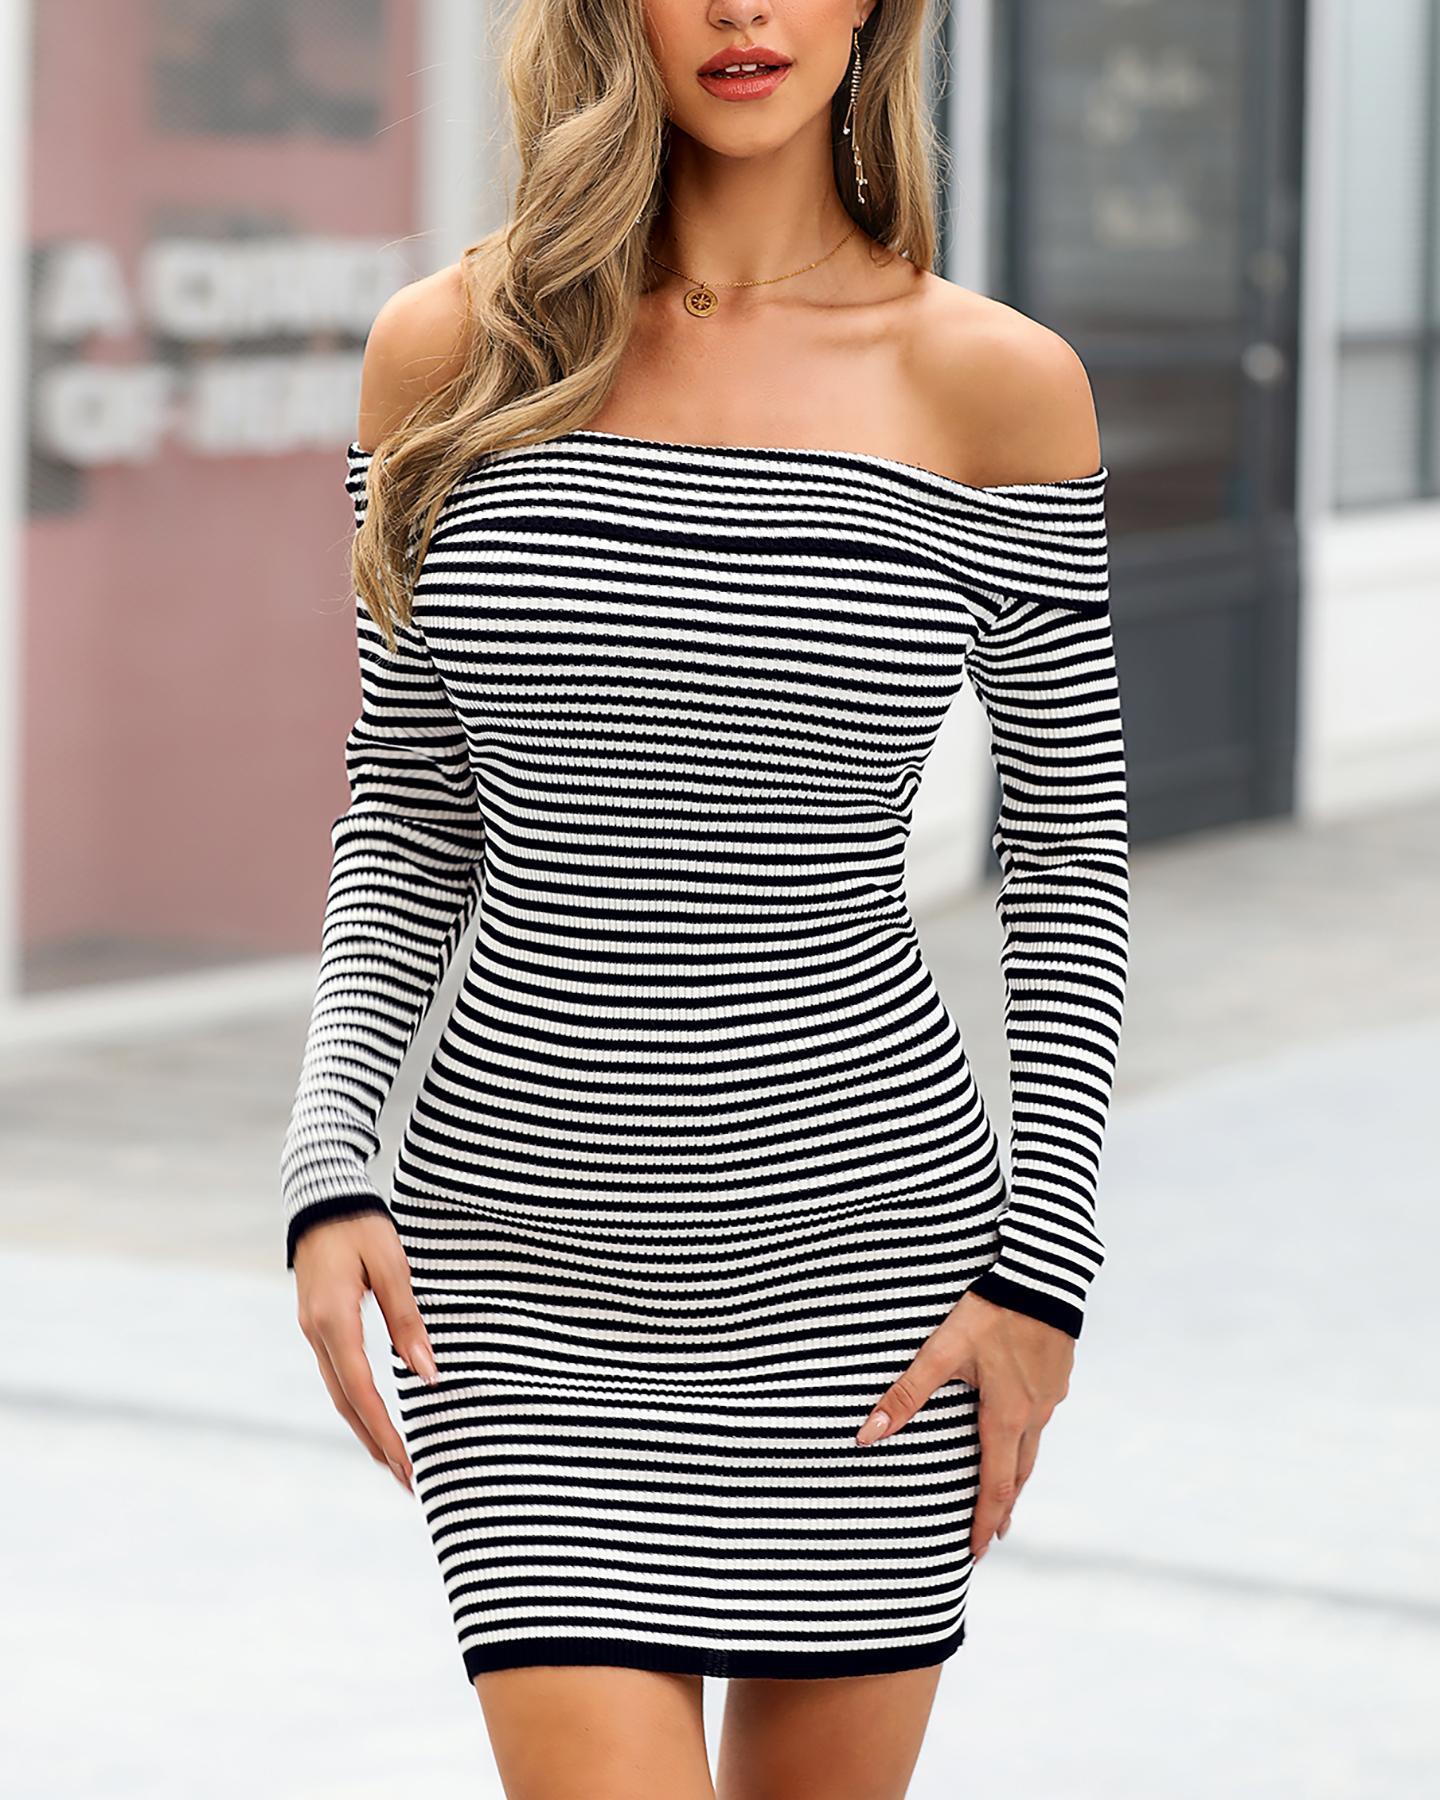 boutiquefeel / Vestido ajustado a rayas con hombros descubiertos